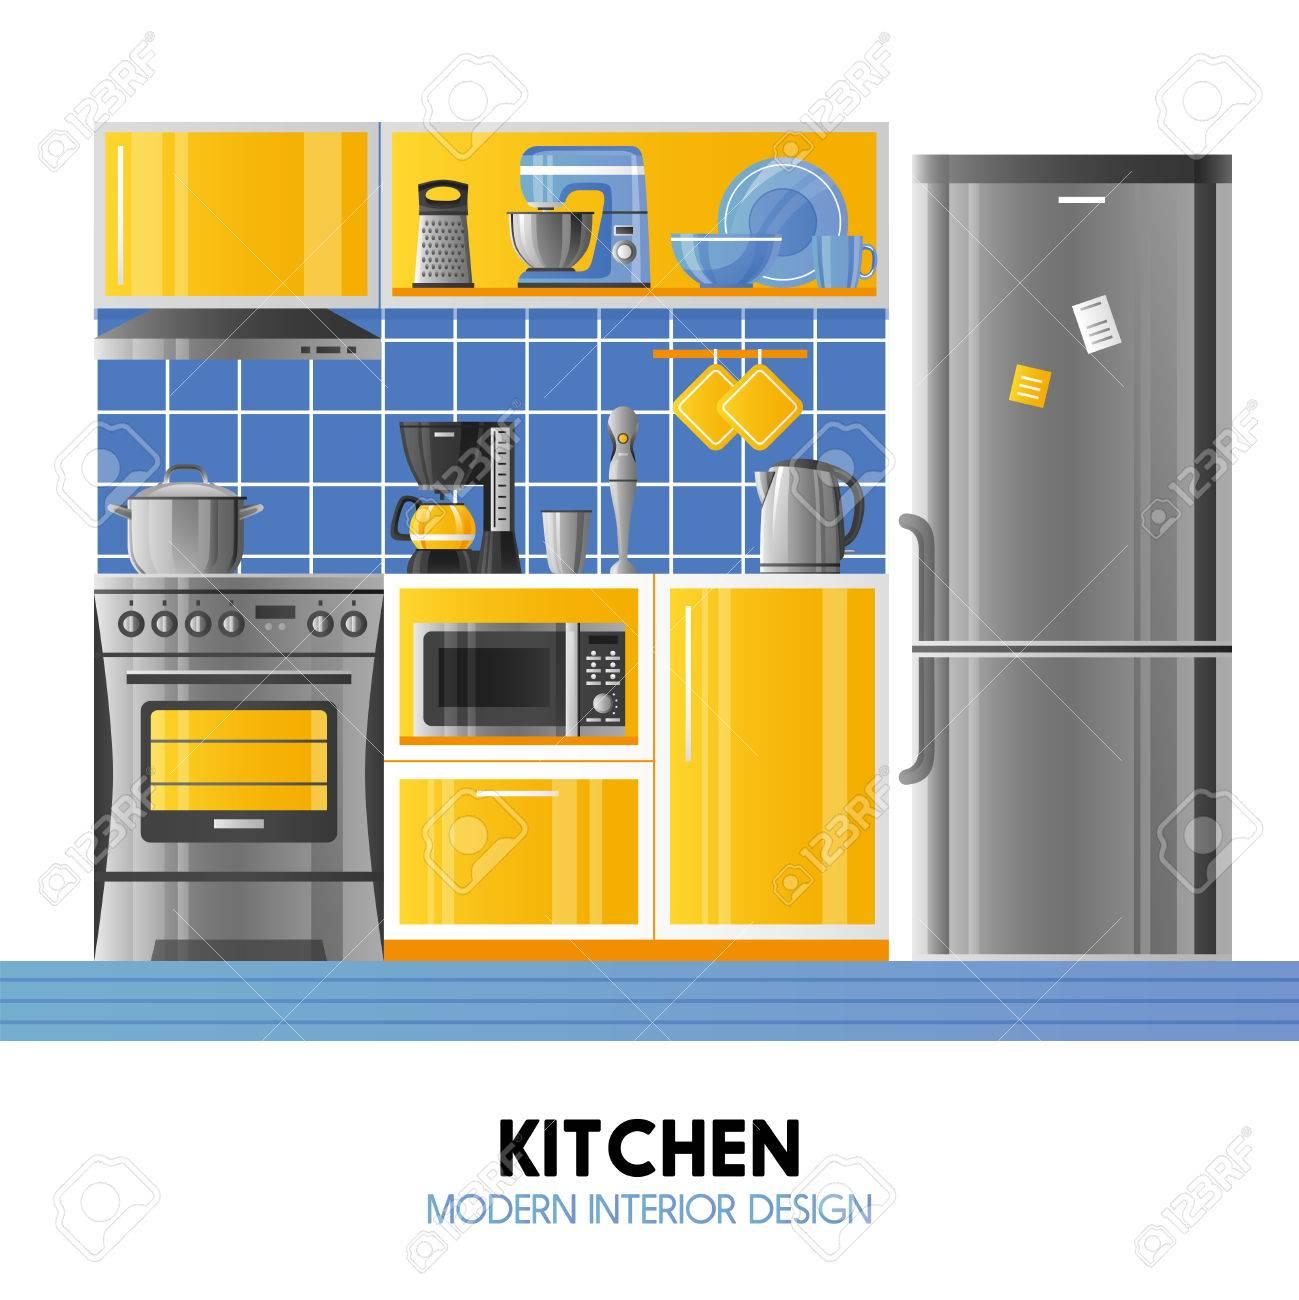 Küche Modernes Interieur Design-Konzept In Realistischen Stil Mit ...